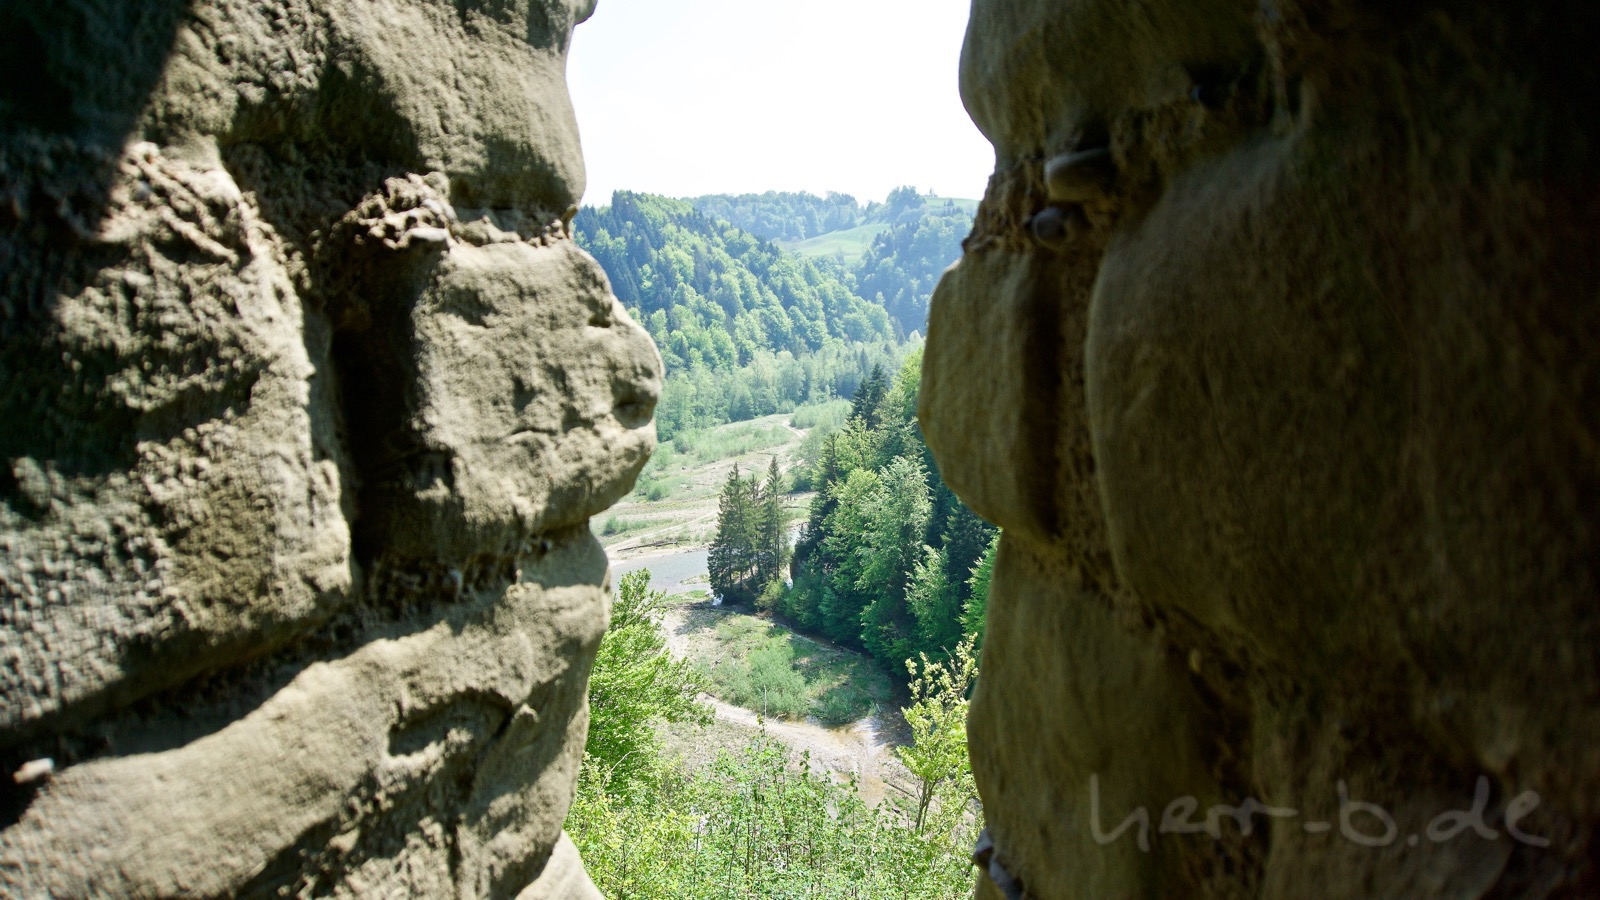 Aussicht auf die Sense durch die Burgmauer der Grasburg.